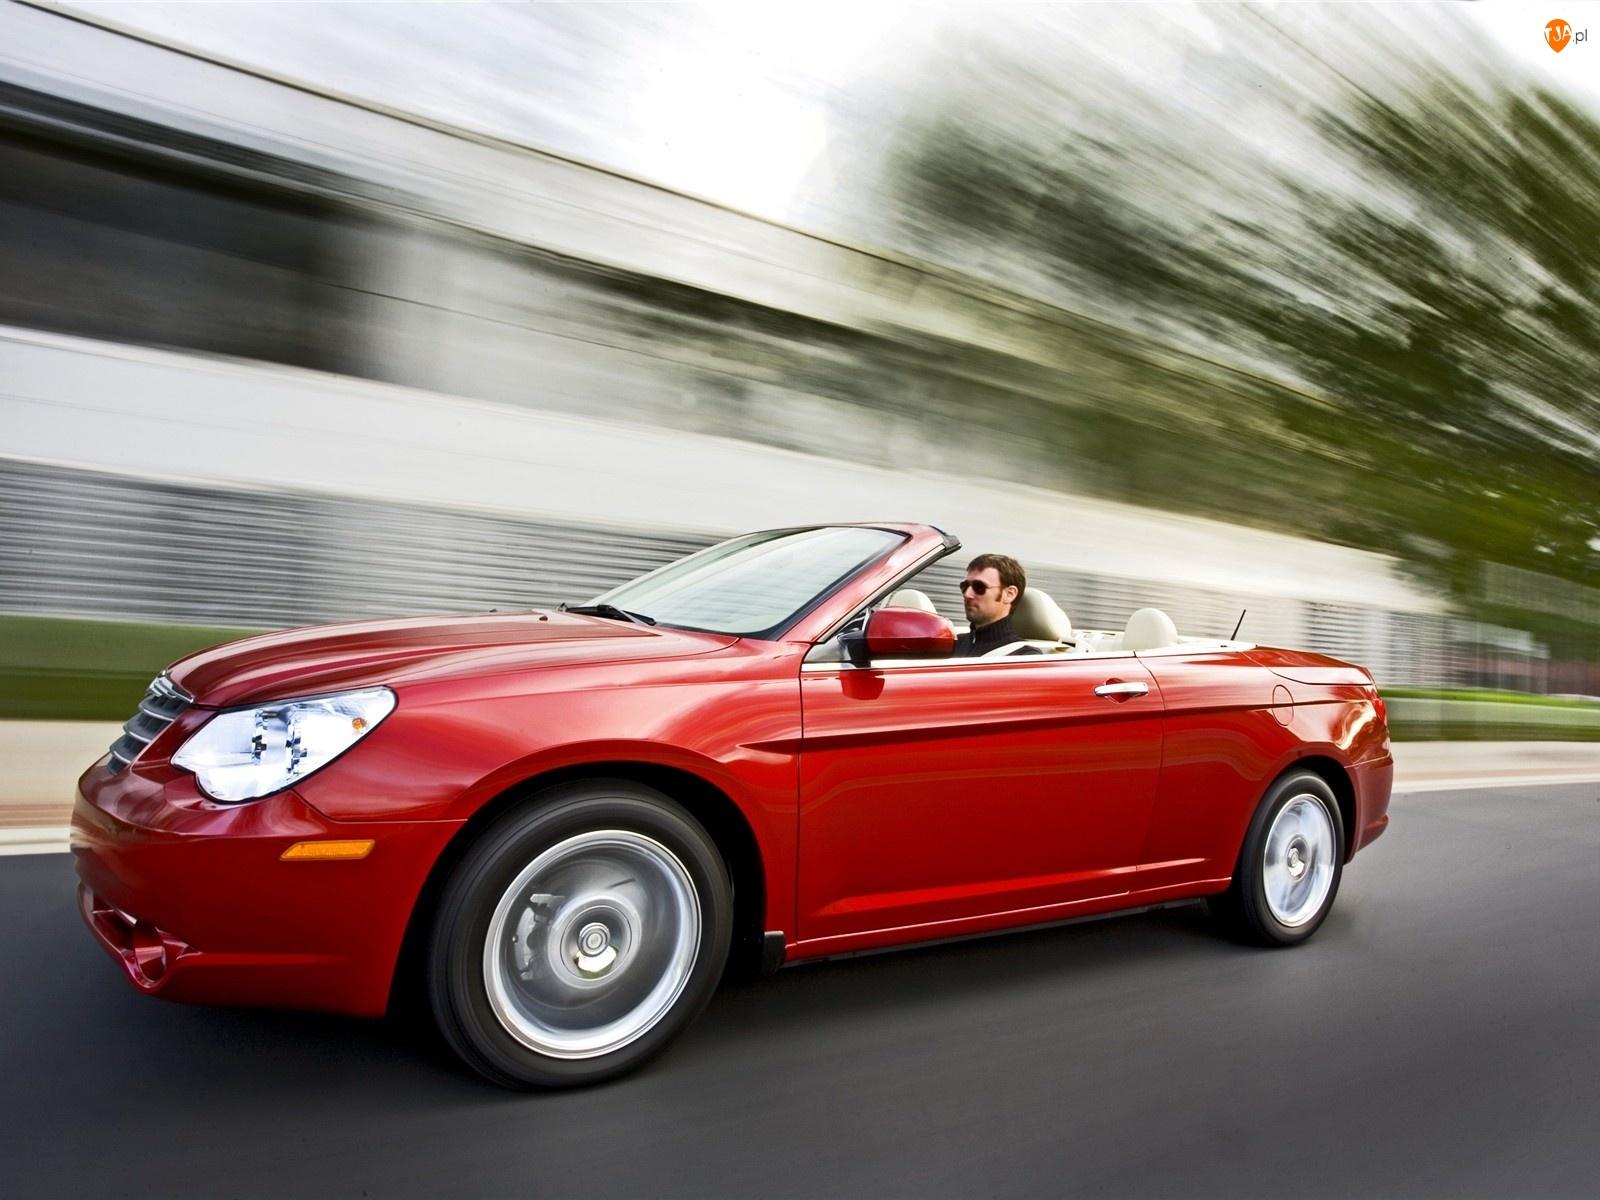 Kierowca, Czerwony, Chrysler Sebring